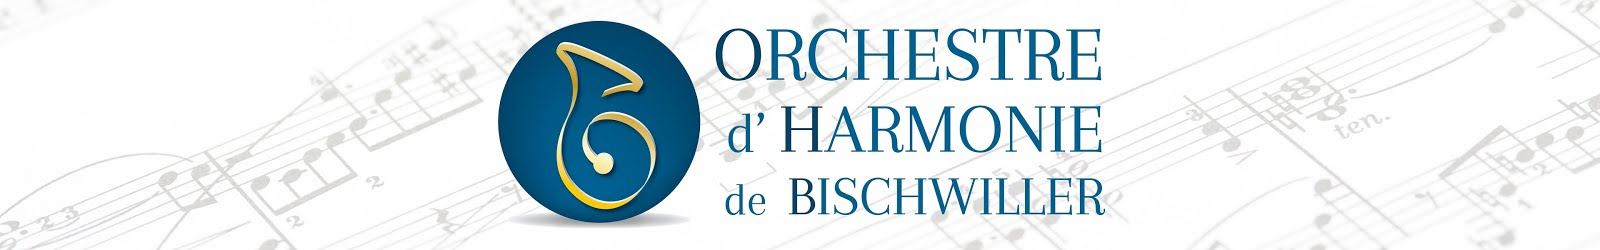 Orchestre d'Harmonie de Bischwiller